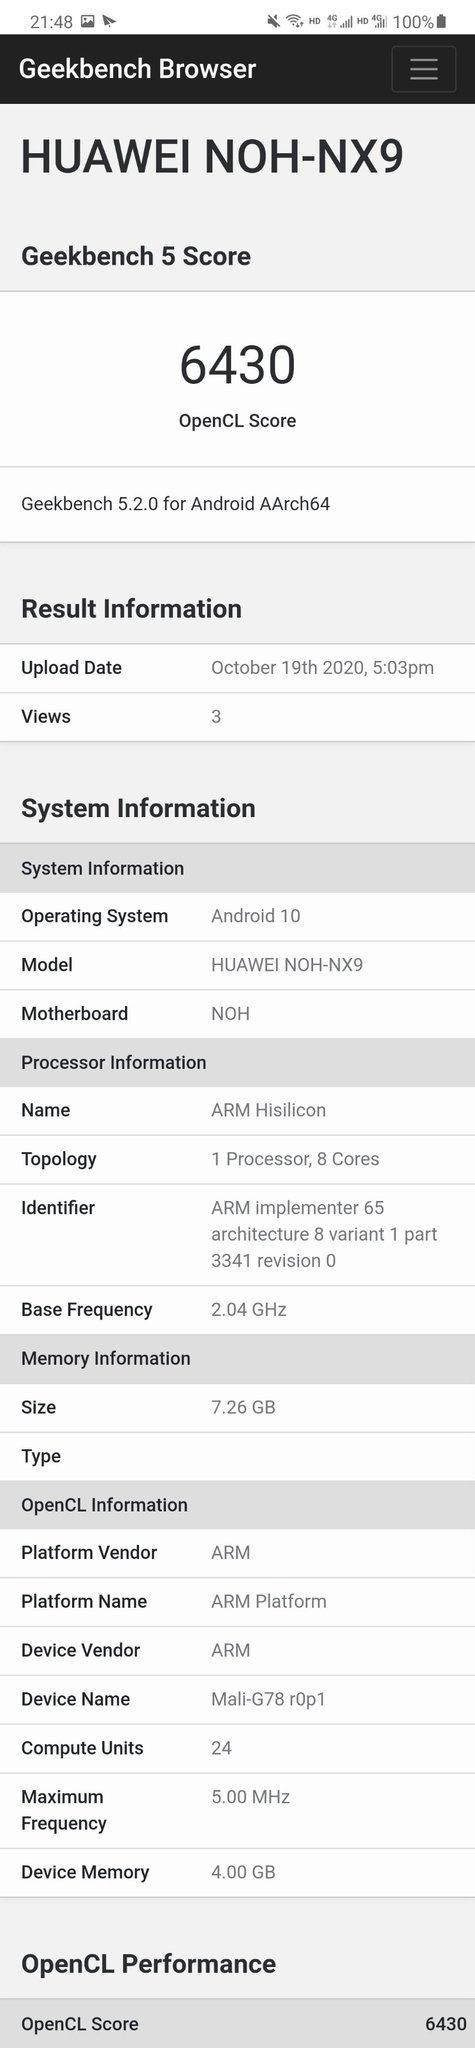 Con chip Kirin 9000 của Huawei sở hữu GPU có đến 24 nhân